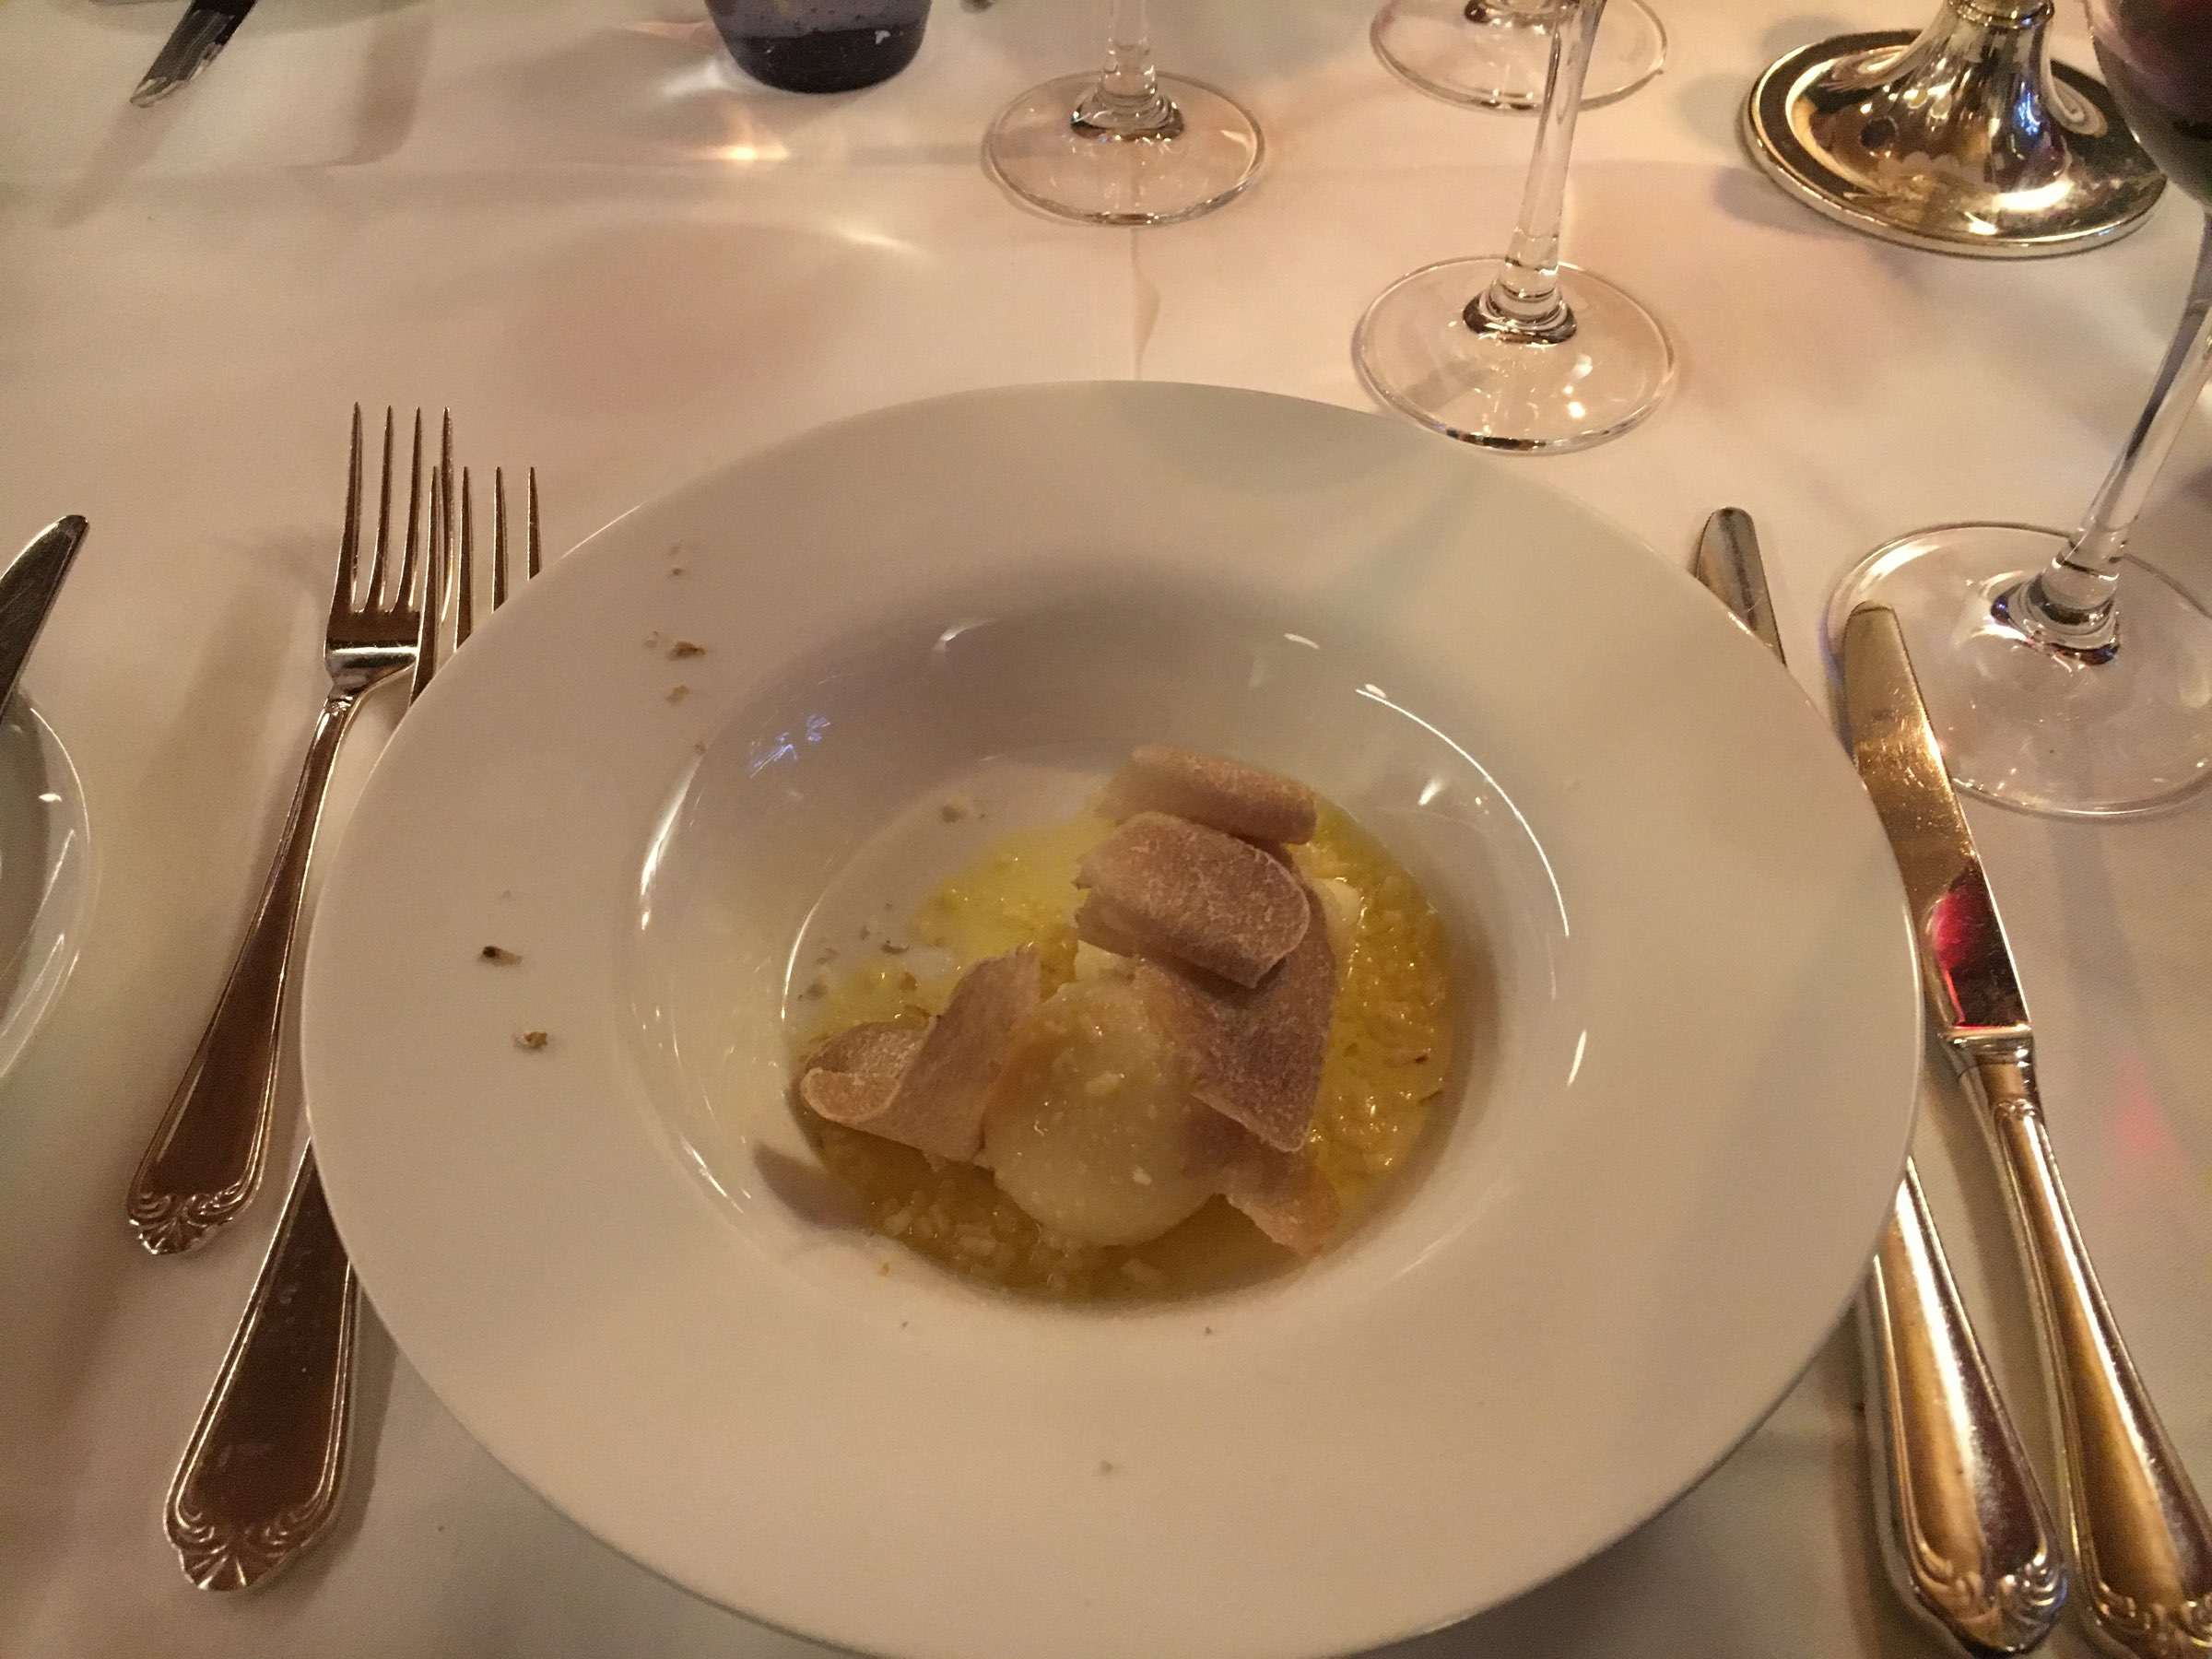 Gnocchetti mit weissem Alba Trüffel von Roberto (Bobo) Cerea, Ristorante da Vittorio, Bergamo